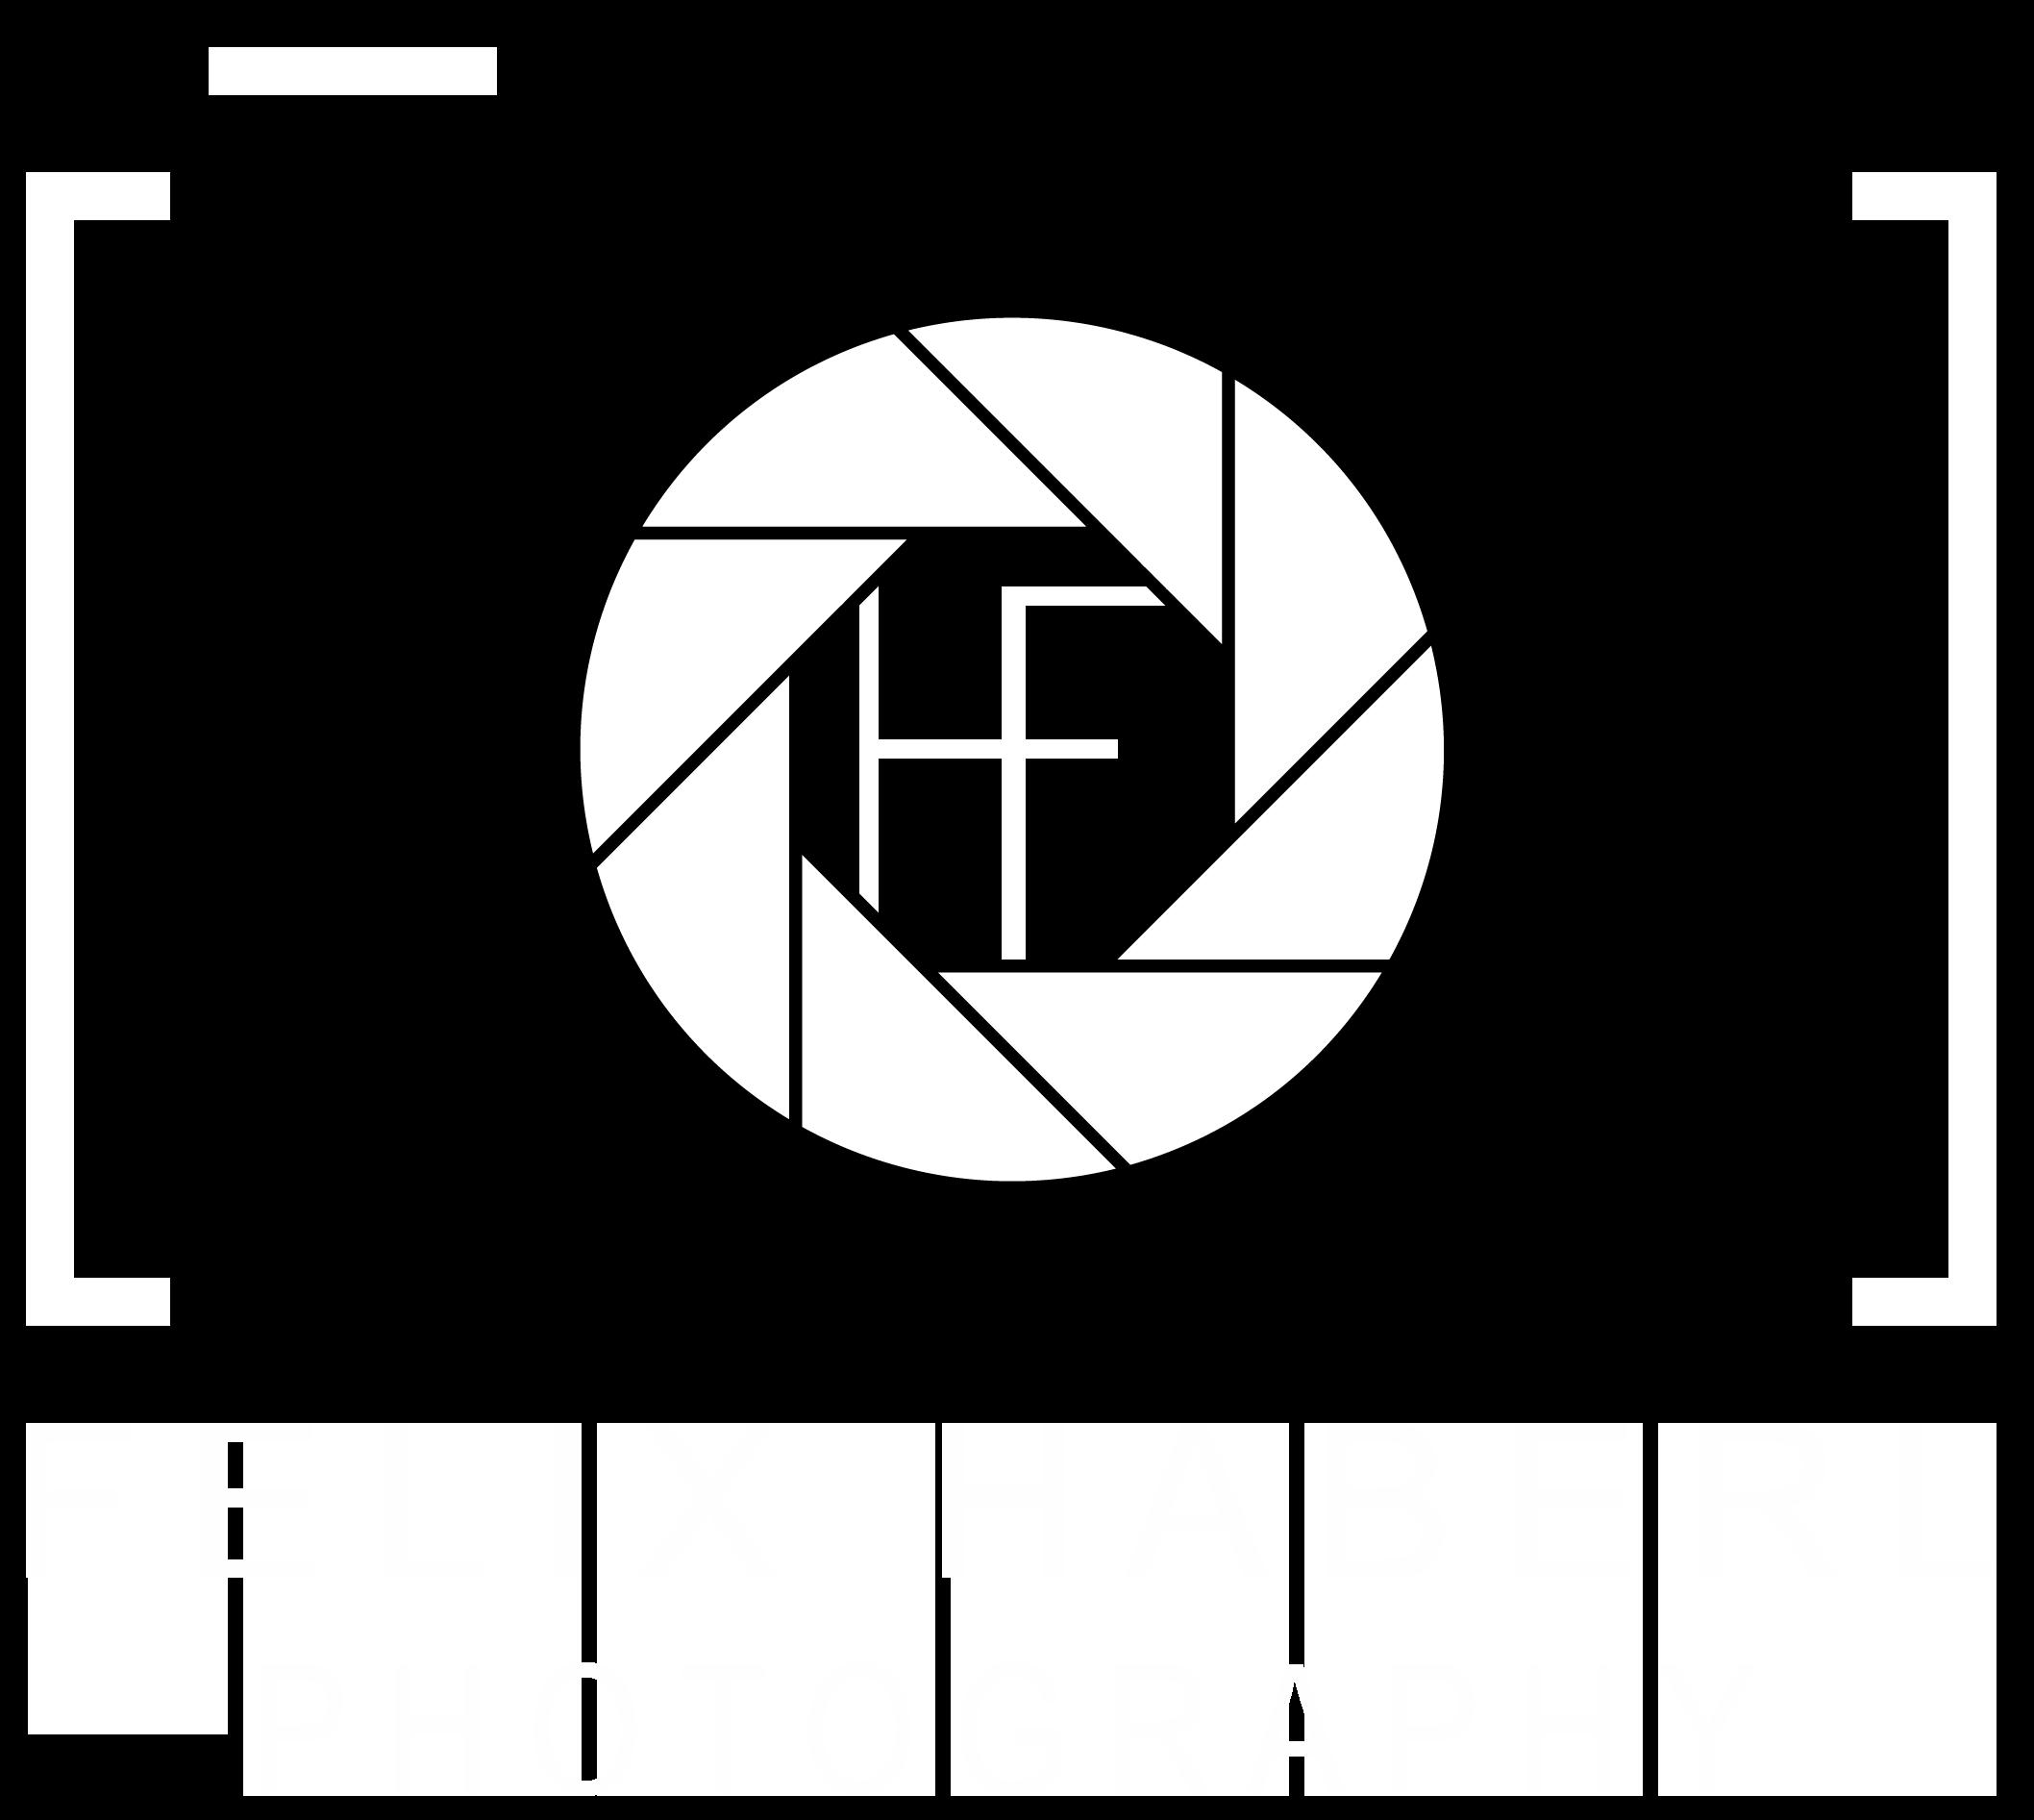 Felix Haberl